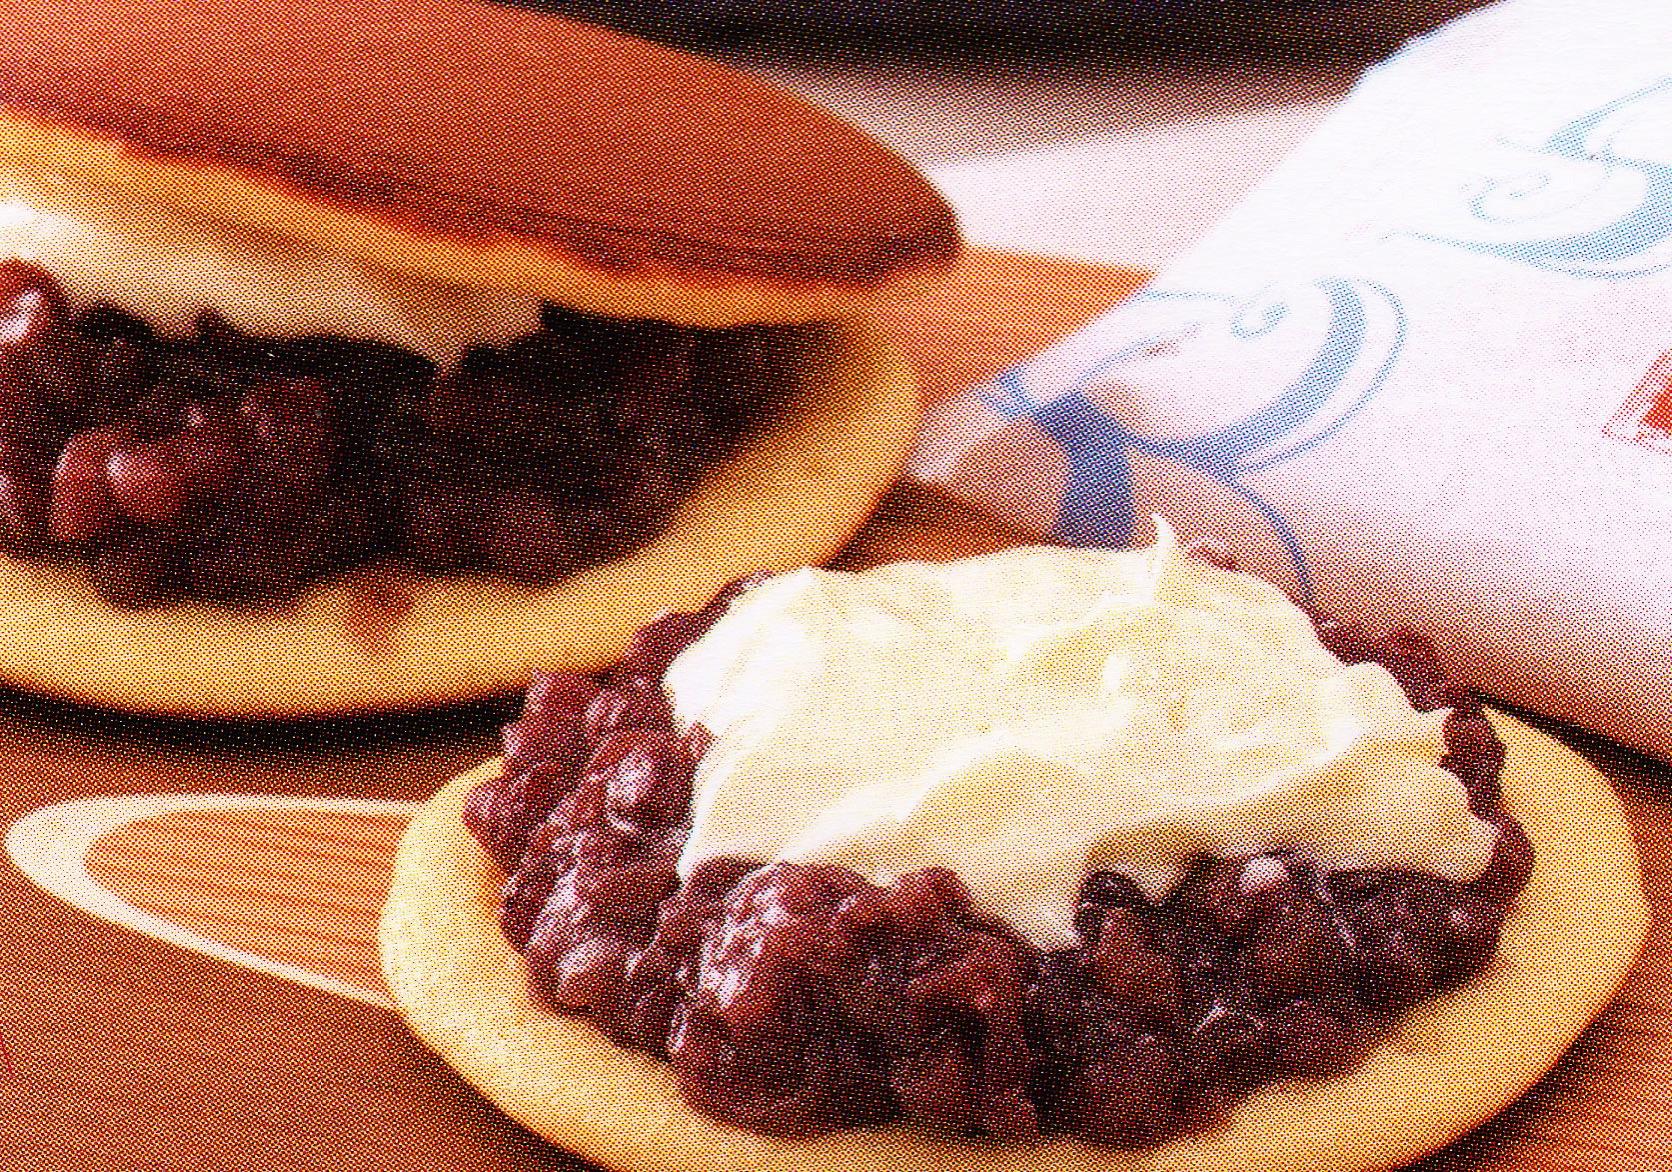 【青木松風庵】3ヶ月限定!「フレッシュバター朝焼みかさ」を食べたいなら午前に行かないと買えないよ | 人生は宇宙だ!